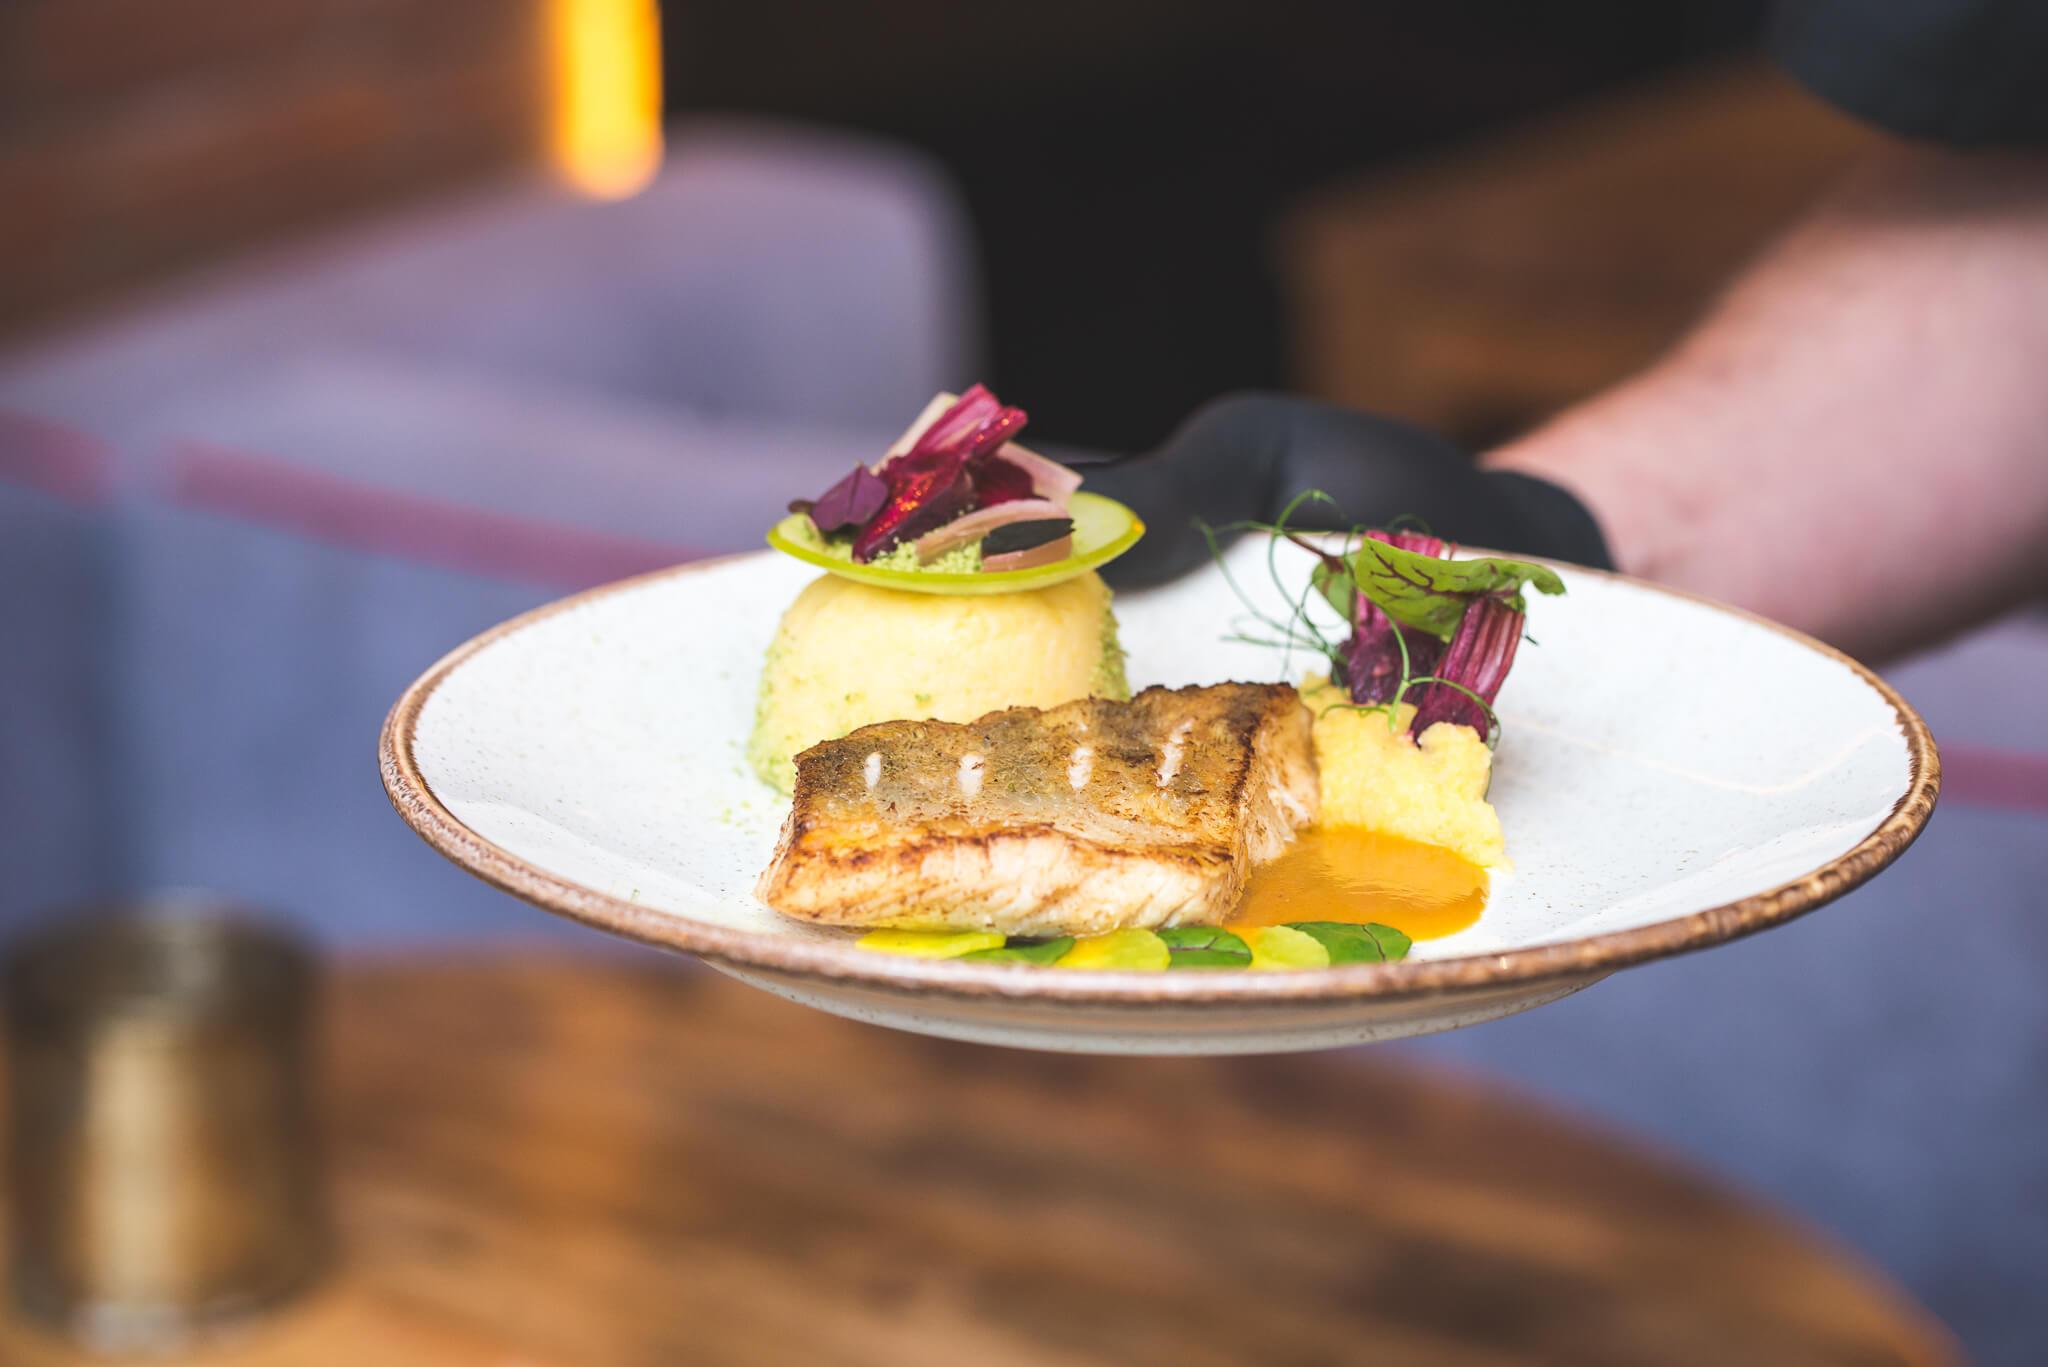 ryby słodkowodne 18 - Szlachetny sandacz w pomorskich restauracjach